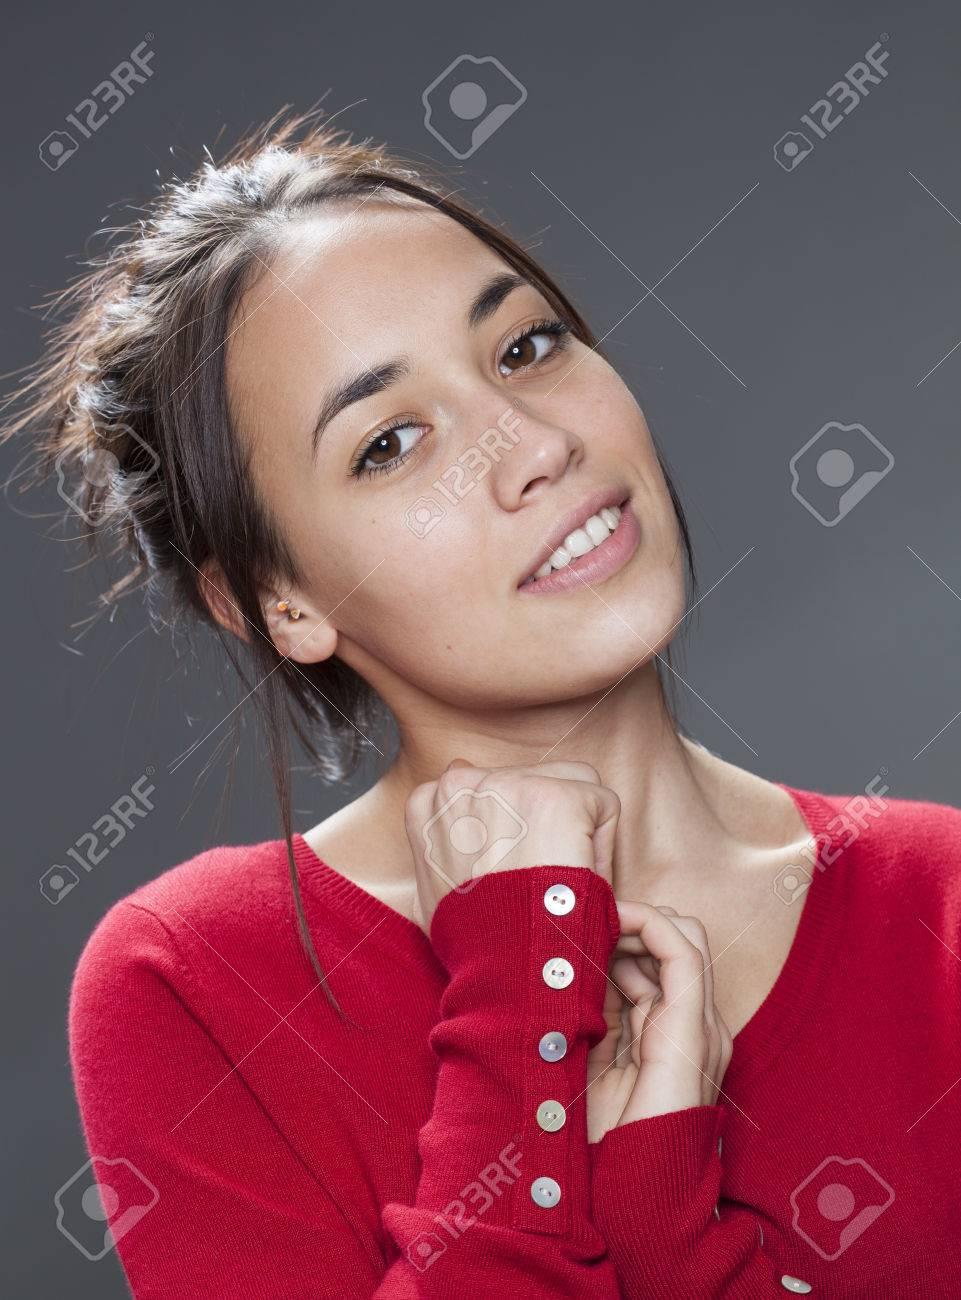 Belle Fille Metisse séduction concept - portrait de la belle fille métisse souriante se